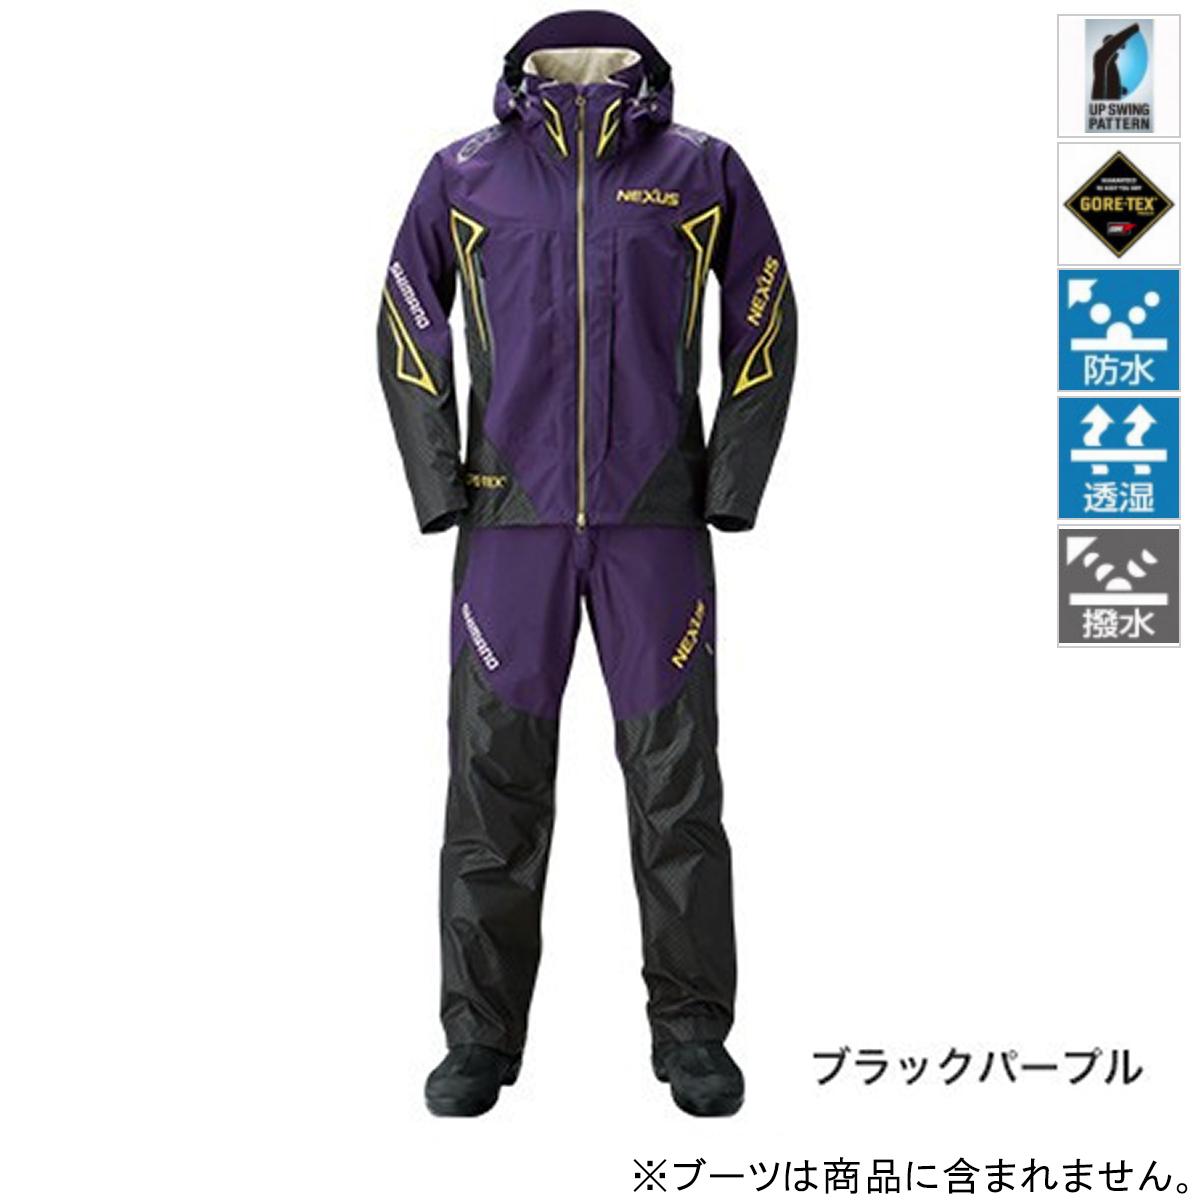 シマノ NEXUS GORE-TEX レインスーツ EX RA-119R 2XL ブラックパープル(東日本店)